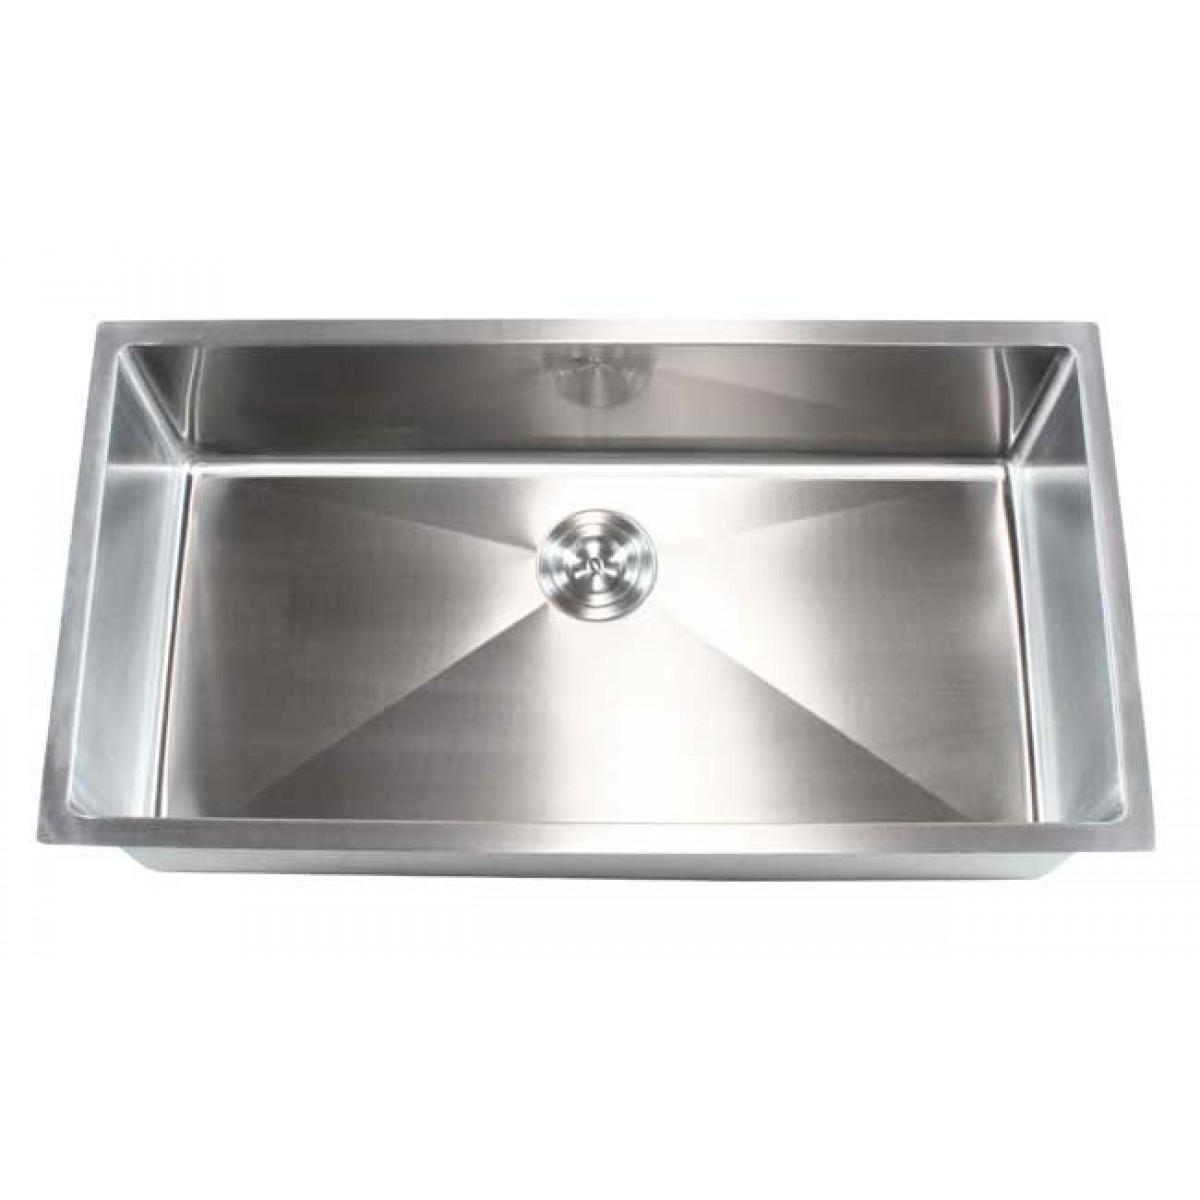 16 Gauge Undermount Kitchen Sink Ariel 36 inch stainless steel undermount single bowl kitchen sink 36 inch stainless steel undermount single bowl kitchen sink 15mm radius design 16 gauge workwithnaturefo